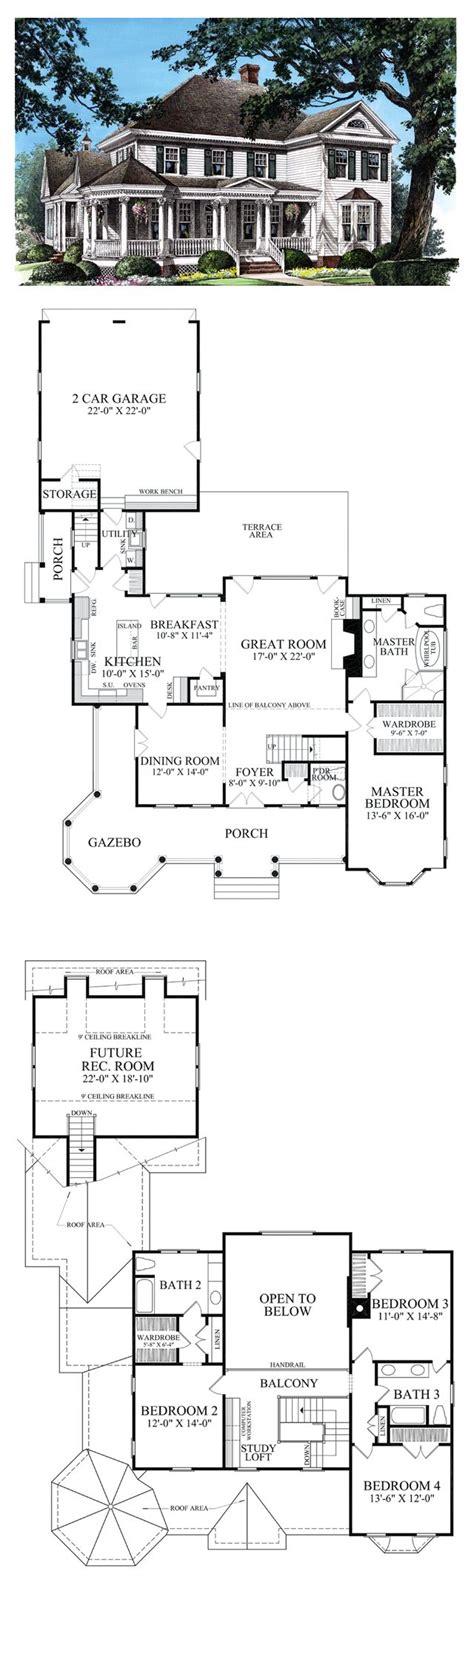 ez house plans house plans cool houseplans blueprint house plans coolhouseplans luxamcc